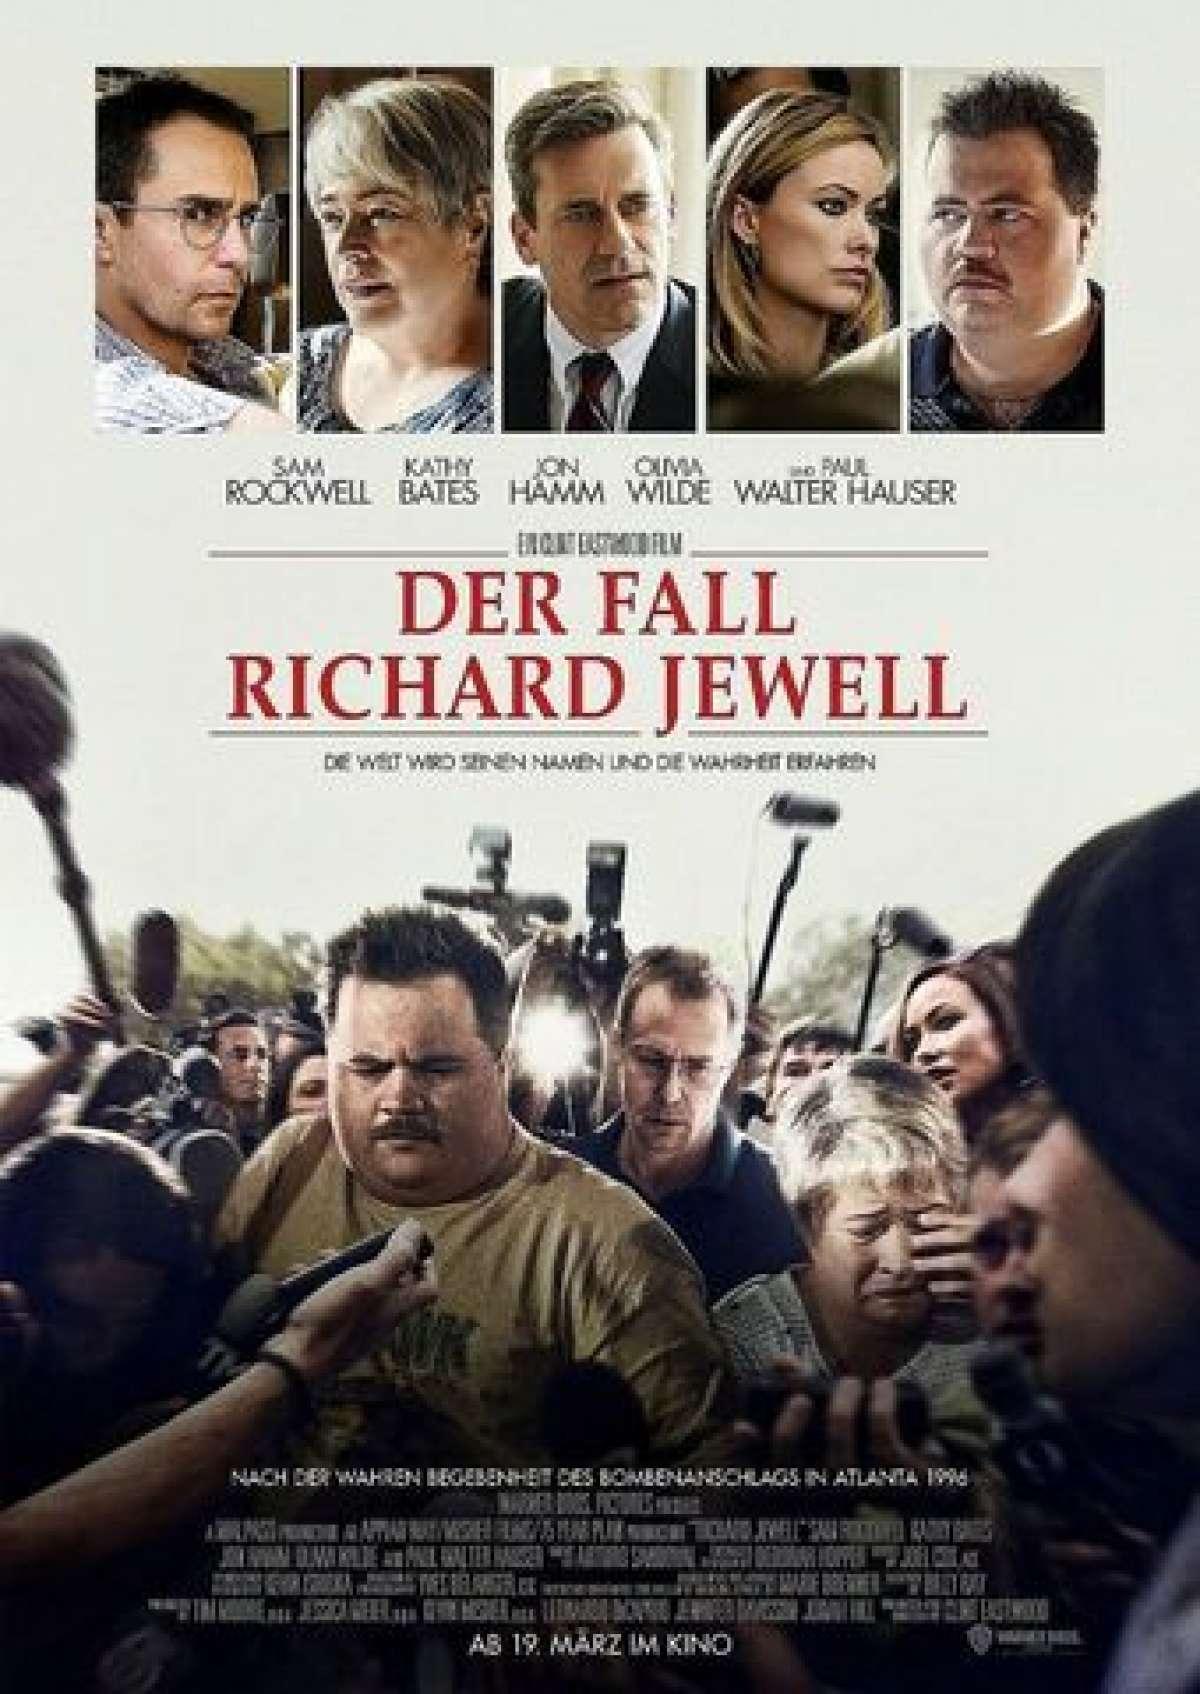 Der Fall Richard Jewell - Cineplex  - Kassel